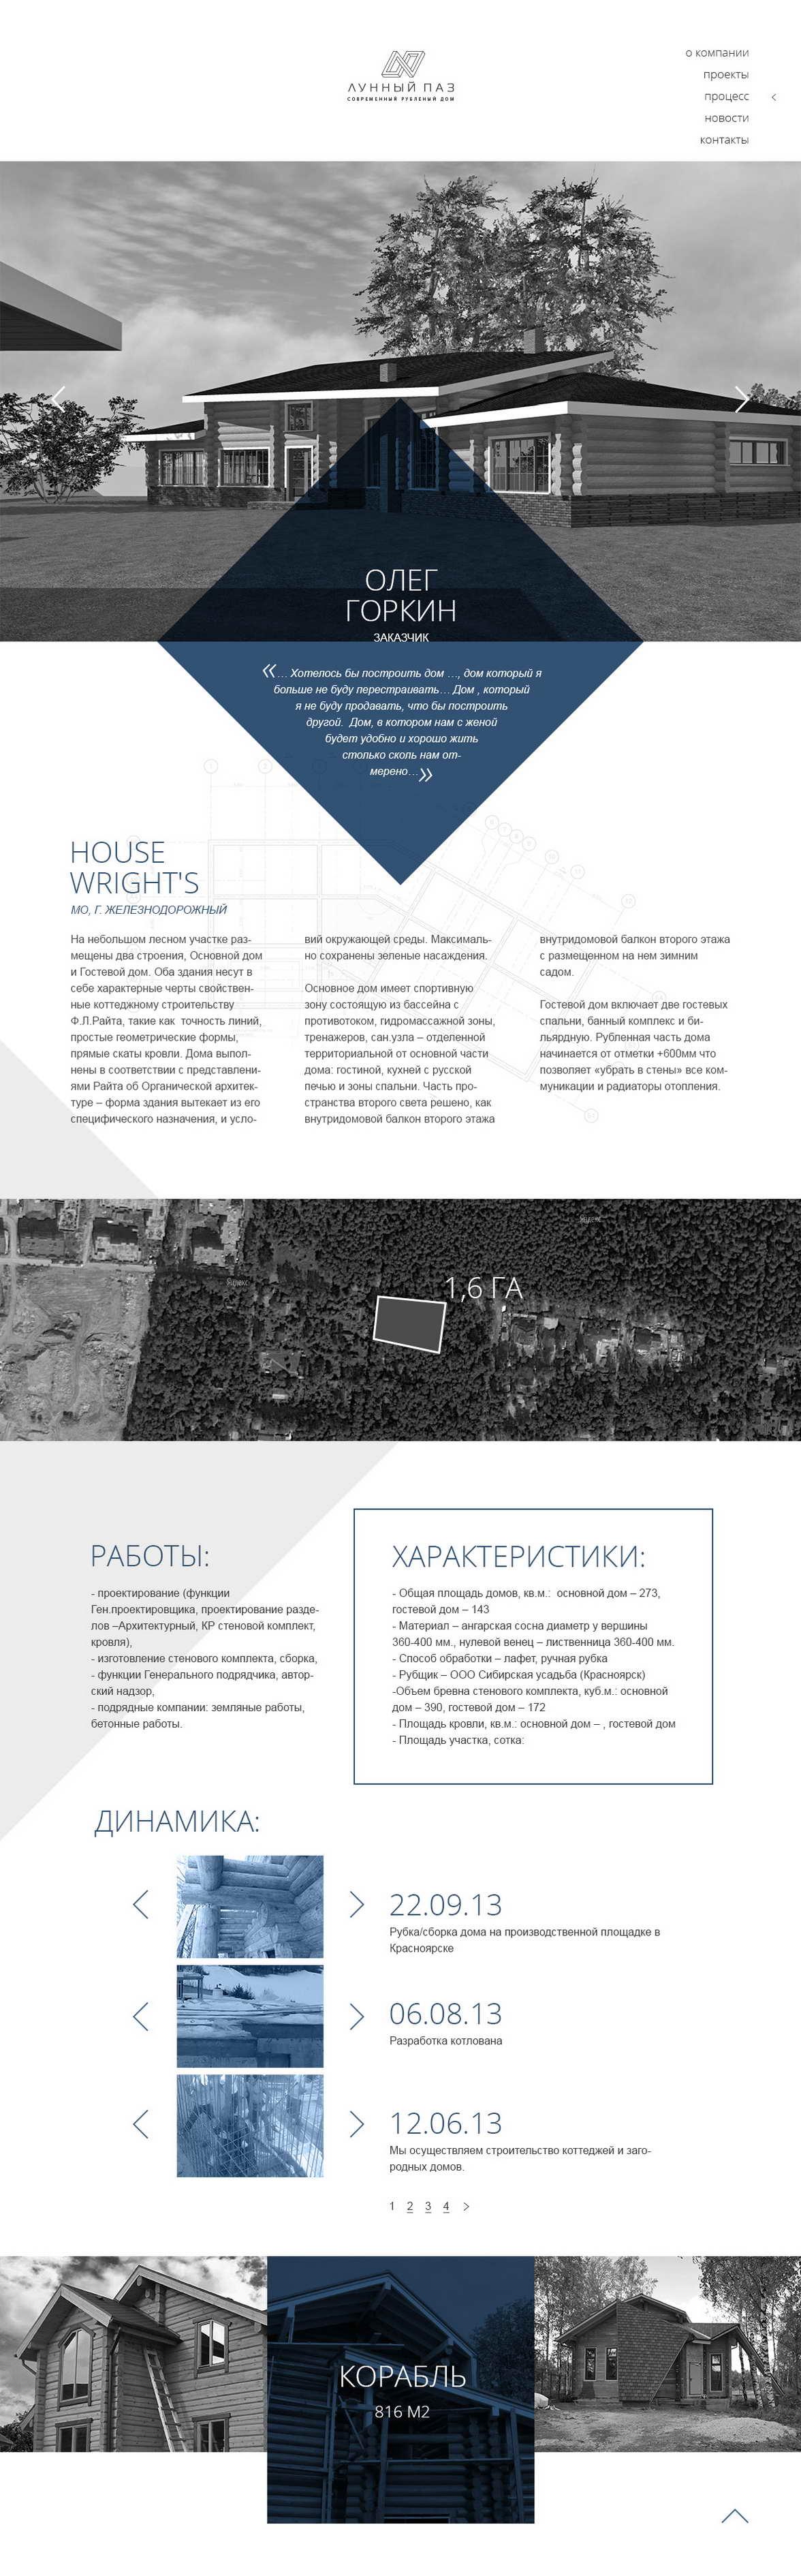 Դիզայնը մեկ-կայքում ճարտարապետների եւ շինարարների փայտե տների, վայրէջք